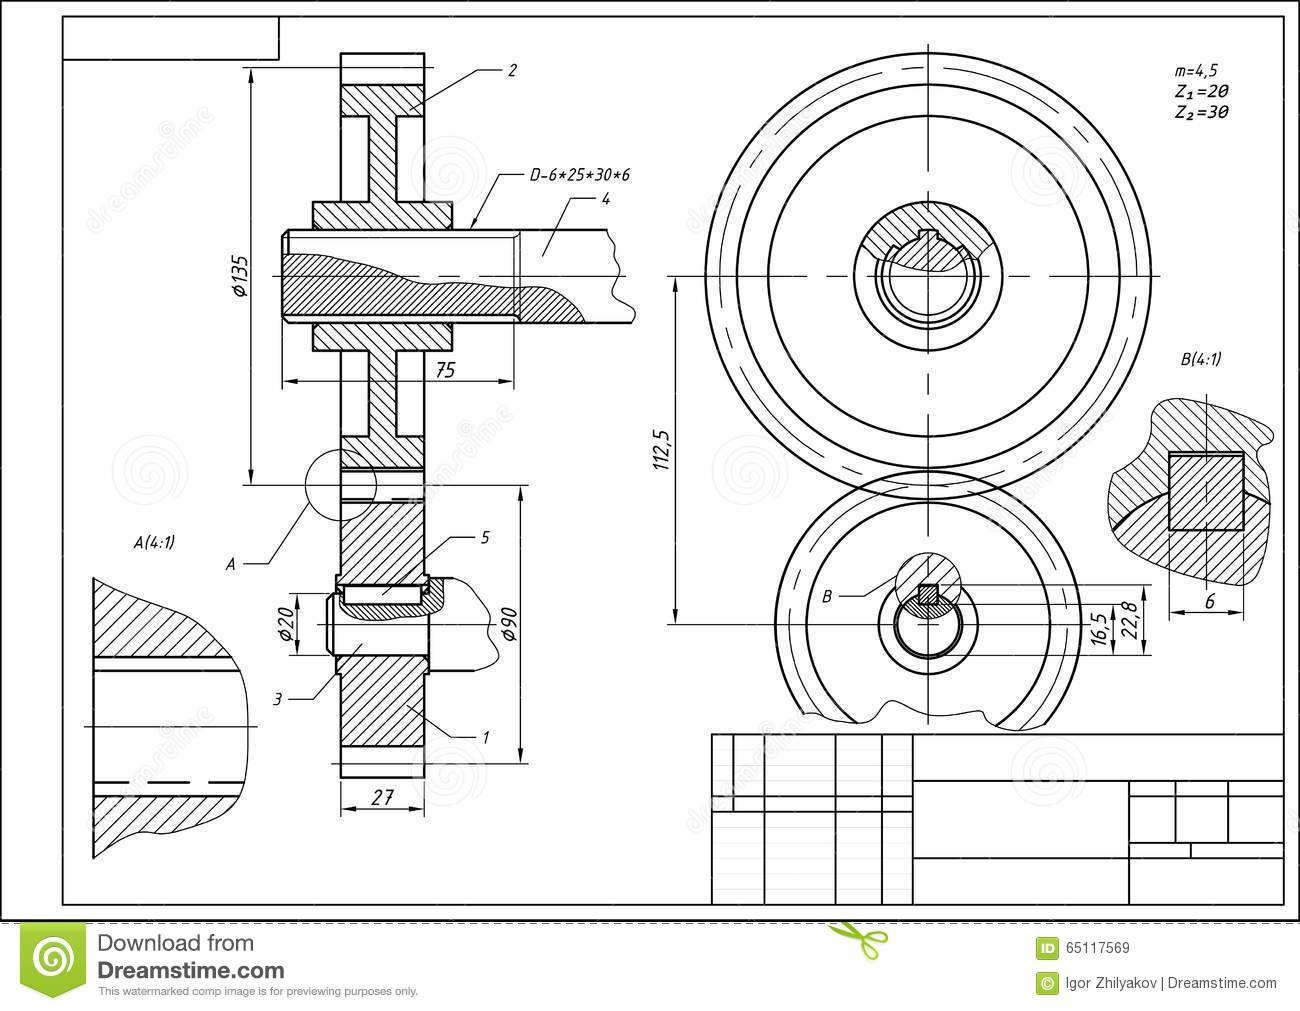 Resultado De Imagen Para Dibujo Tecnico Engranajes Tecnicas De Dibujo Engranajes